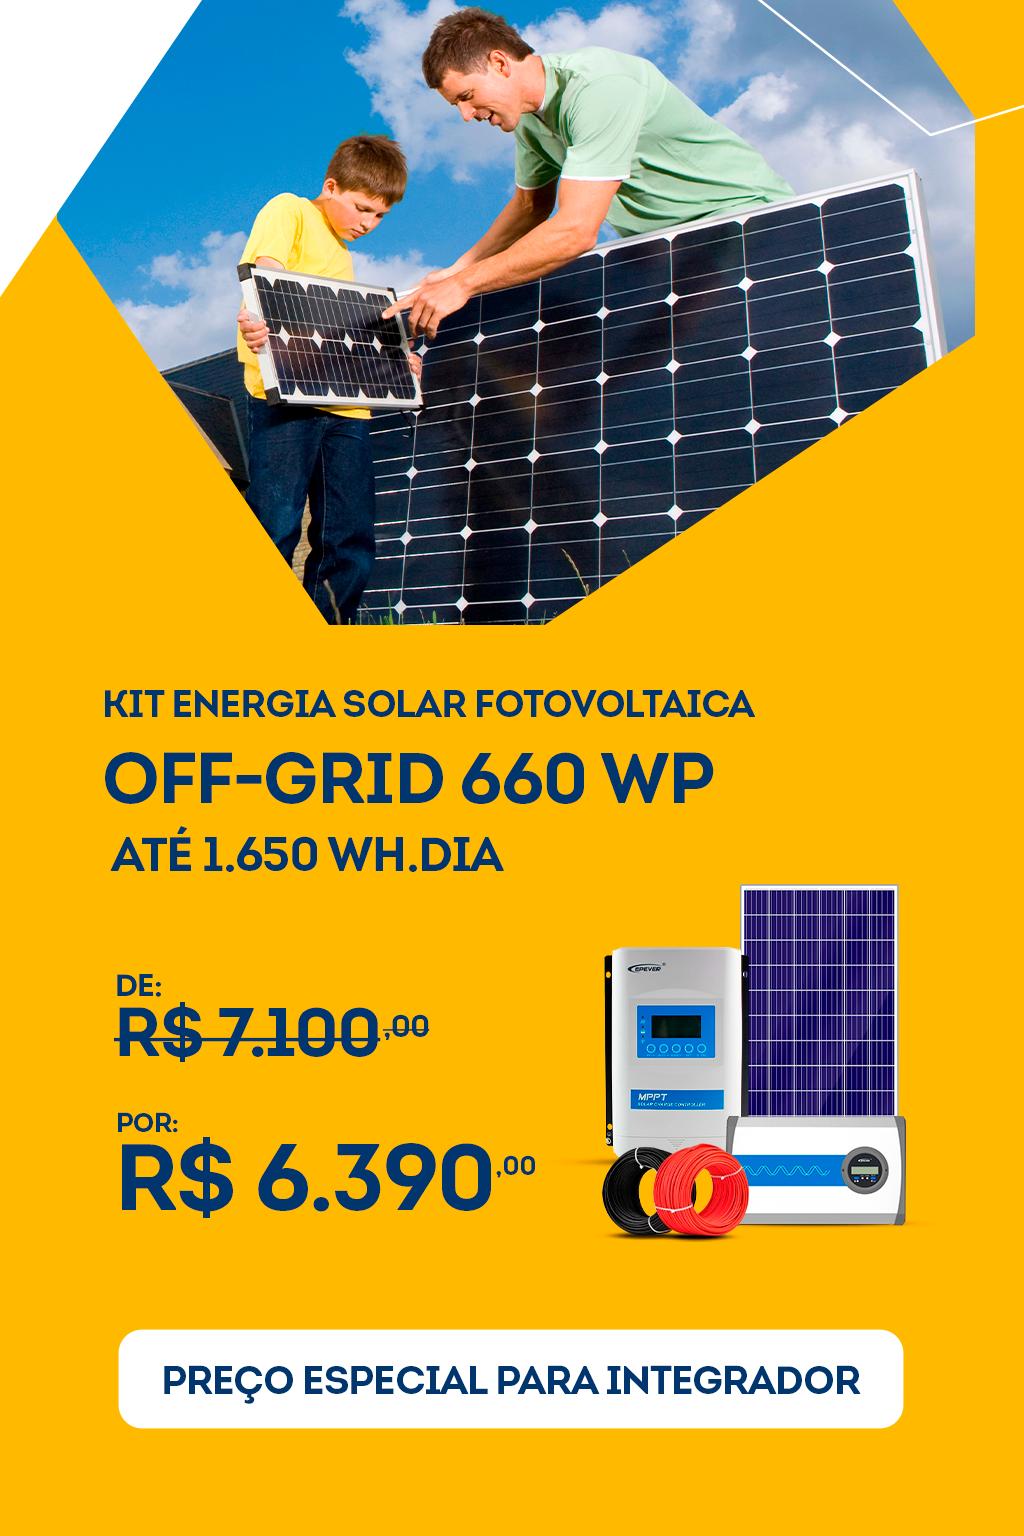 integrador-660wp